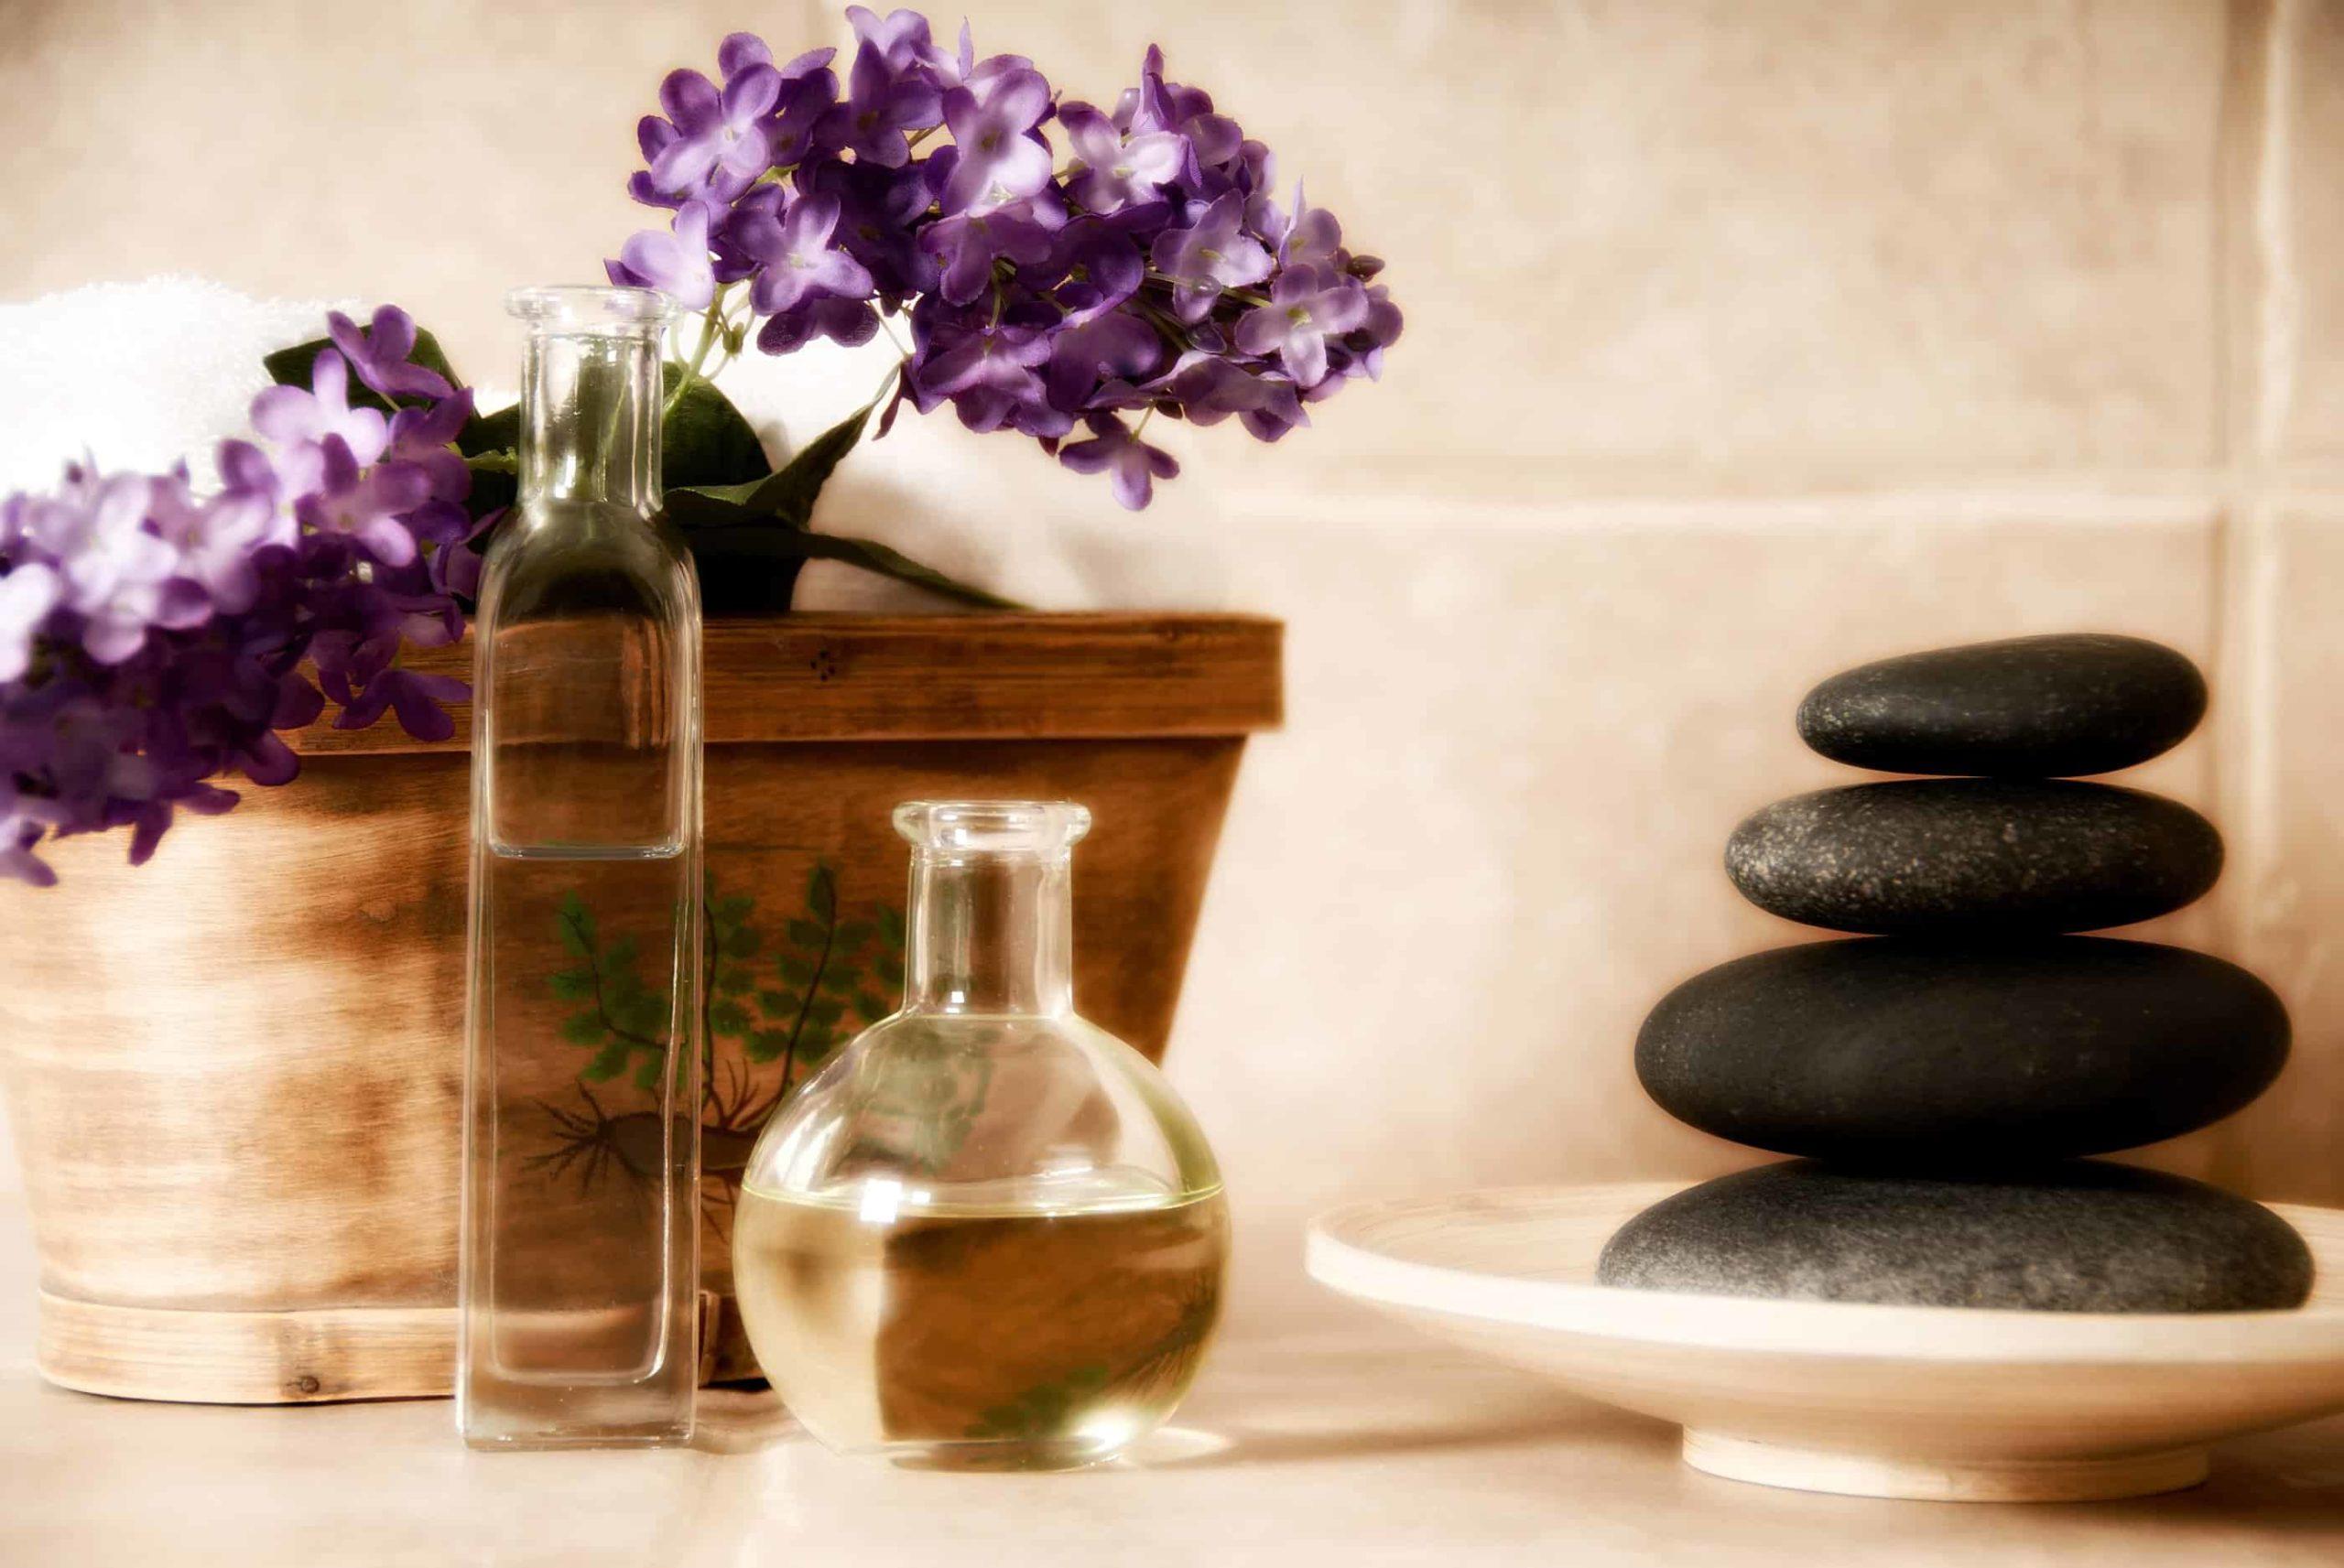 Meilleures huiles essentielles pour l'insomnie et les conditions connexes